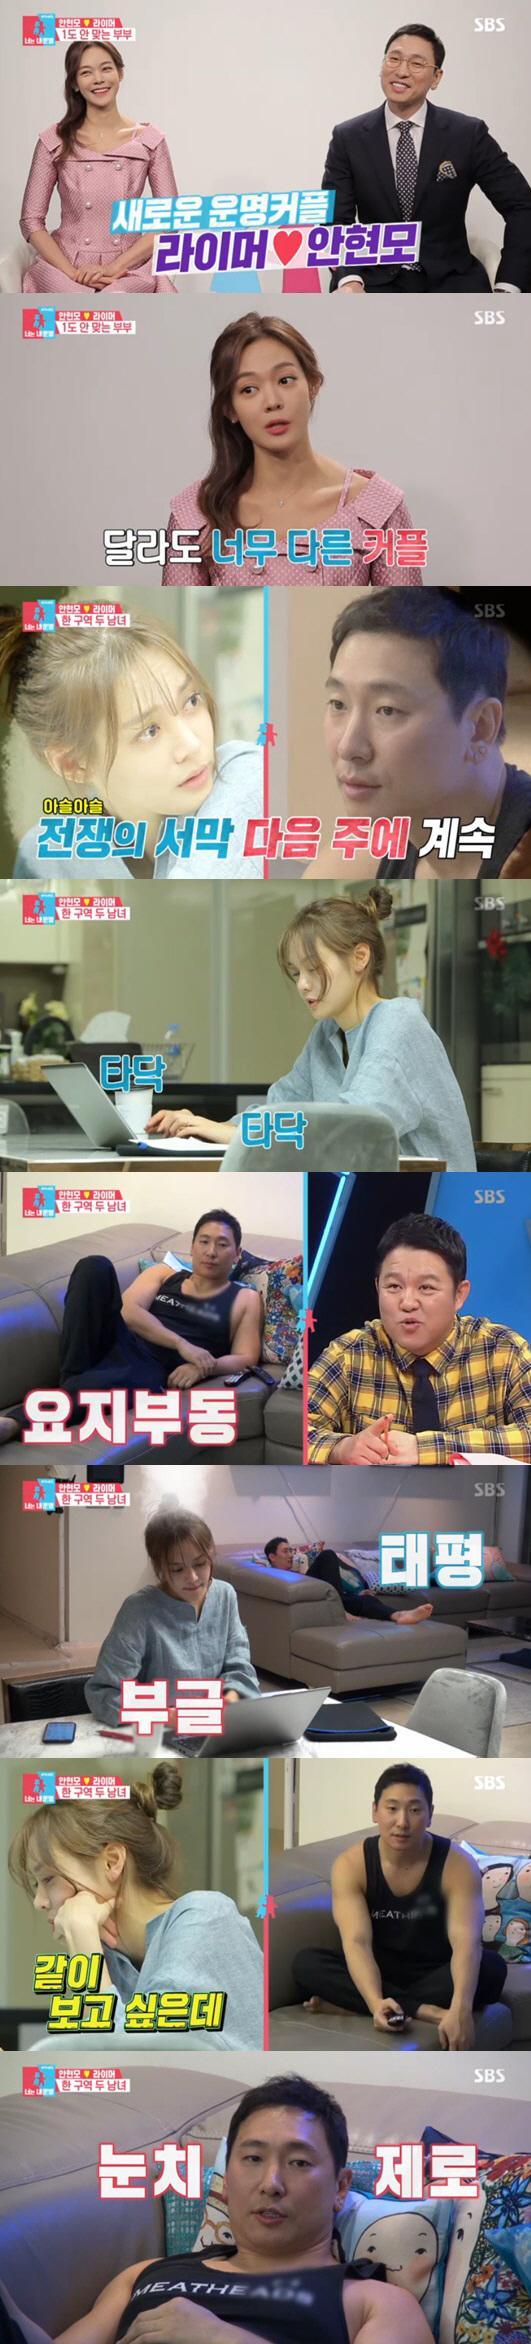 """[종합]""""TV와 삼각관계""""..'동상이몽2' 합류 라이머♥안현모, 부부싸..."""